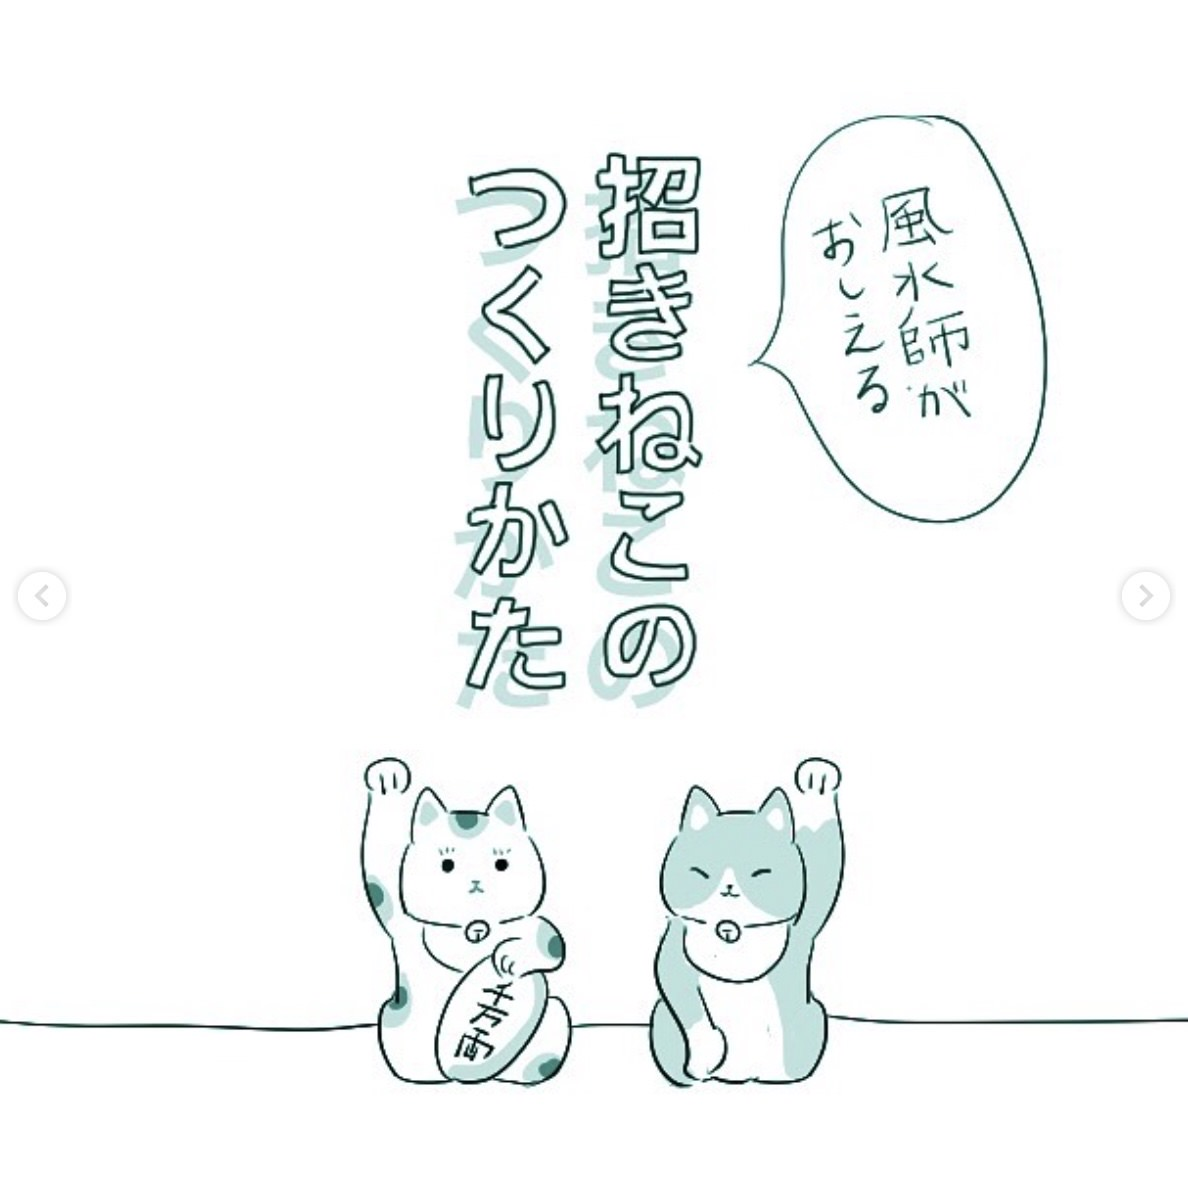 矢口あやはさんのマンガ「招きねこのつくりかた」で招き猫の持ち物や手の高さの意味を知る